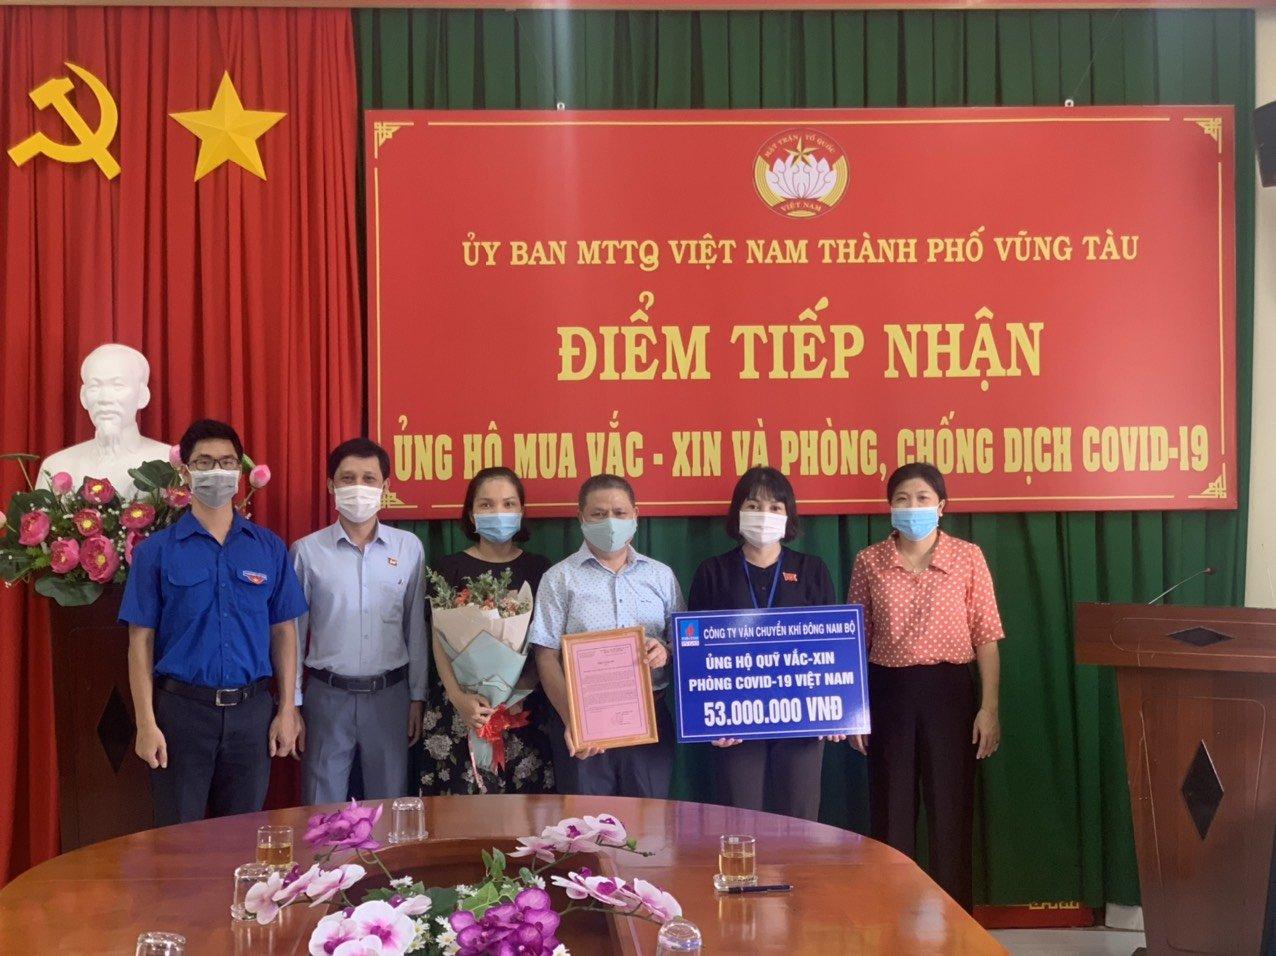 Khí Đông Nam ủng hộ quỹ Vắc xin chống Covid -19